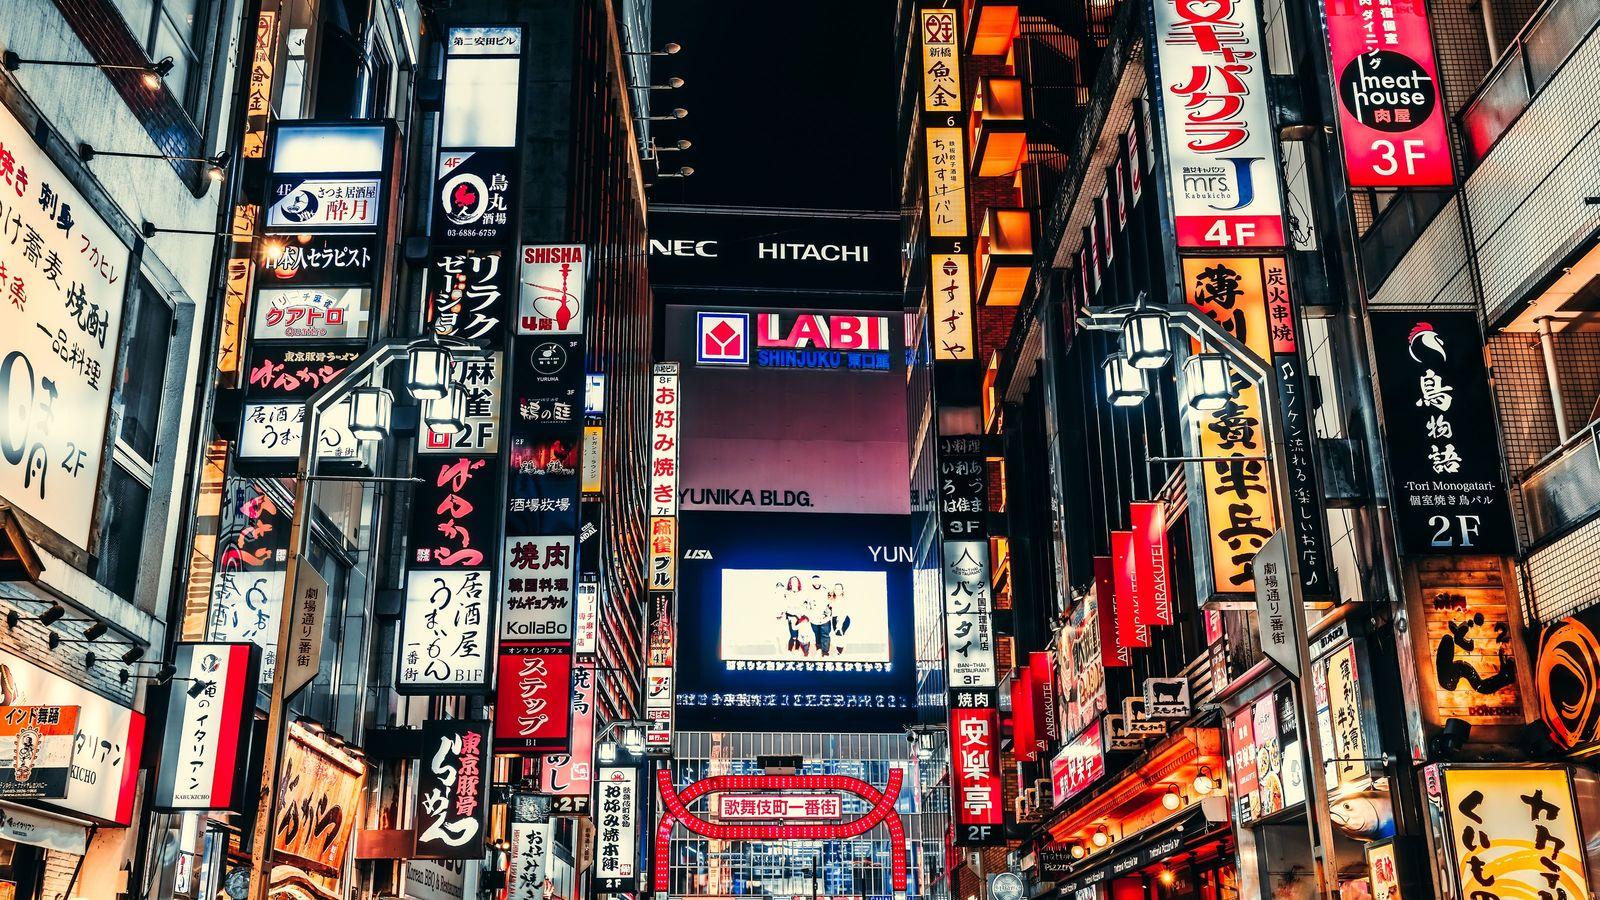 歌舞伎町のギラギラとした看板は減っても、夜遊びはこれからも残り続ける ネオンが照らした欲望の歌舞伎町